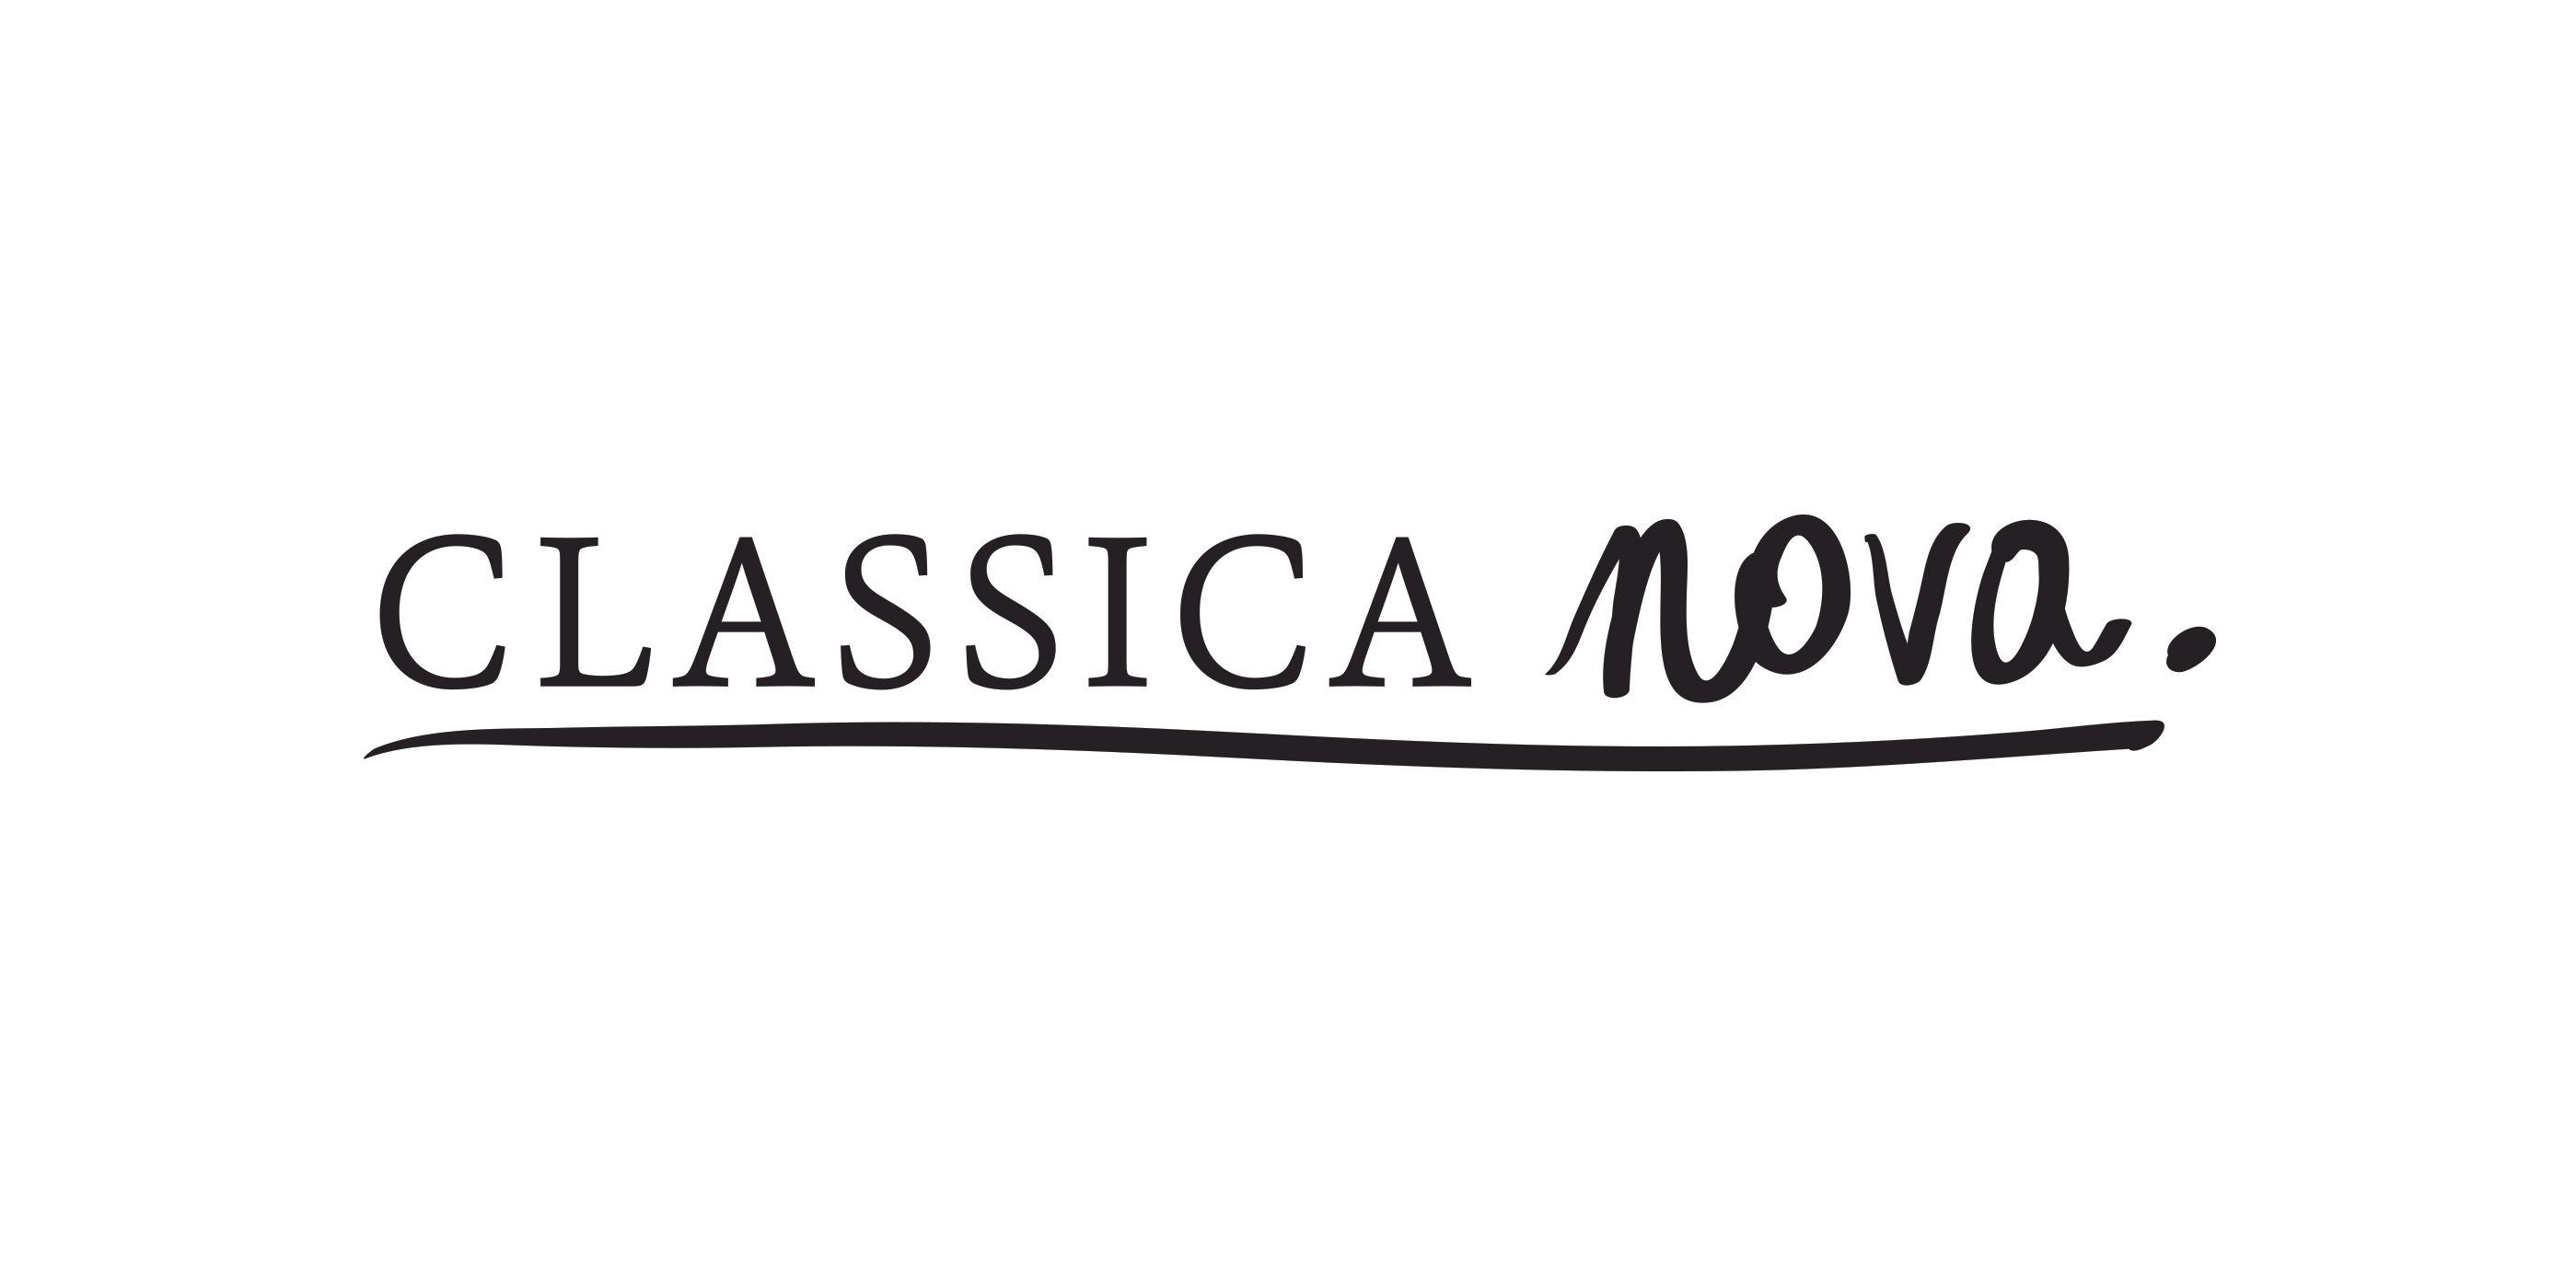 Classica Nova doo